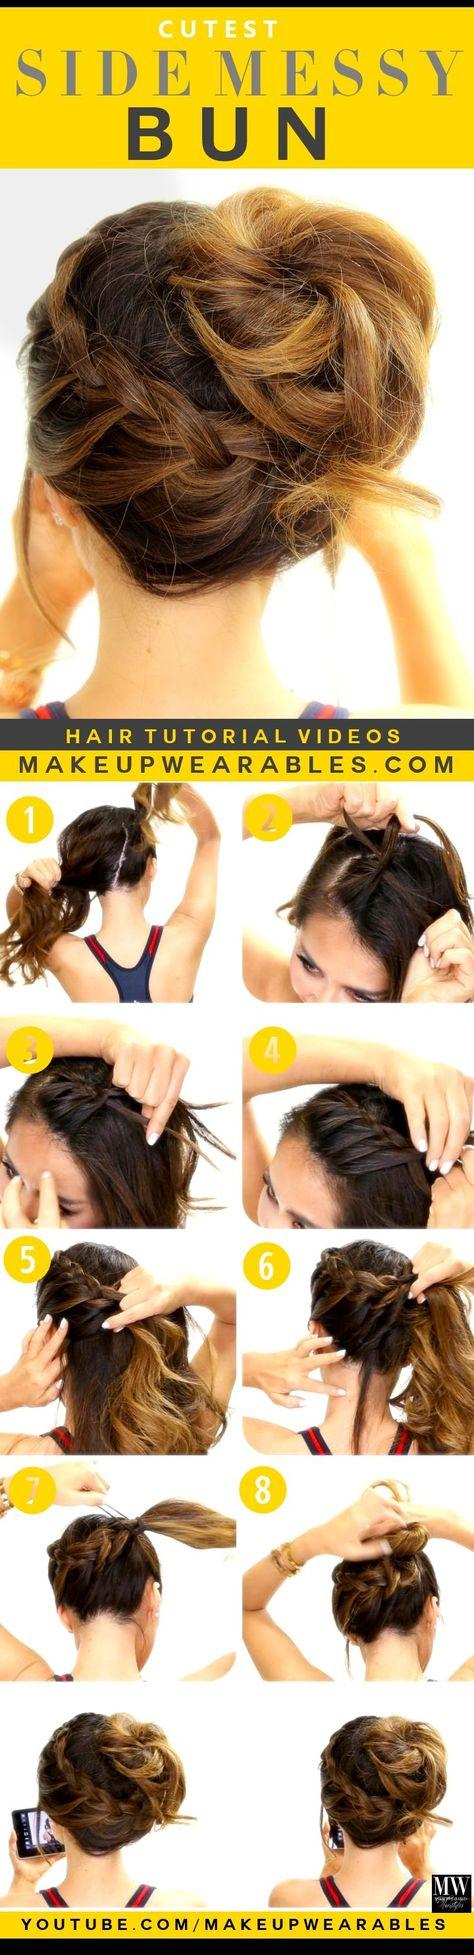 3 Cutest Braided Hairstyles | Messy Bun Braid Updo | Hair Tutorial